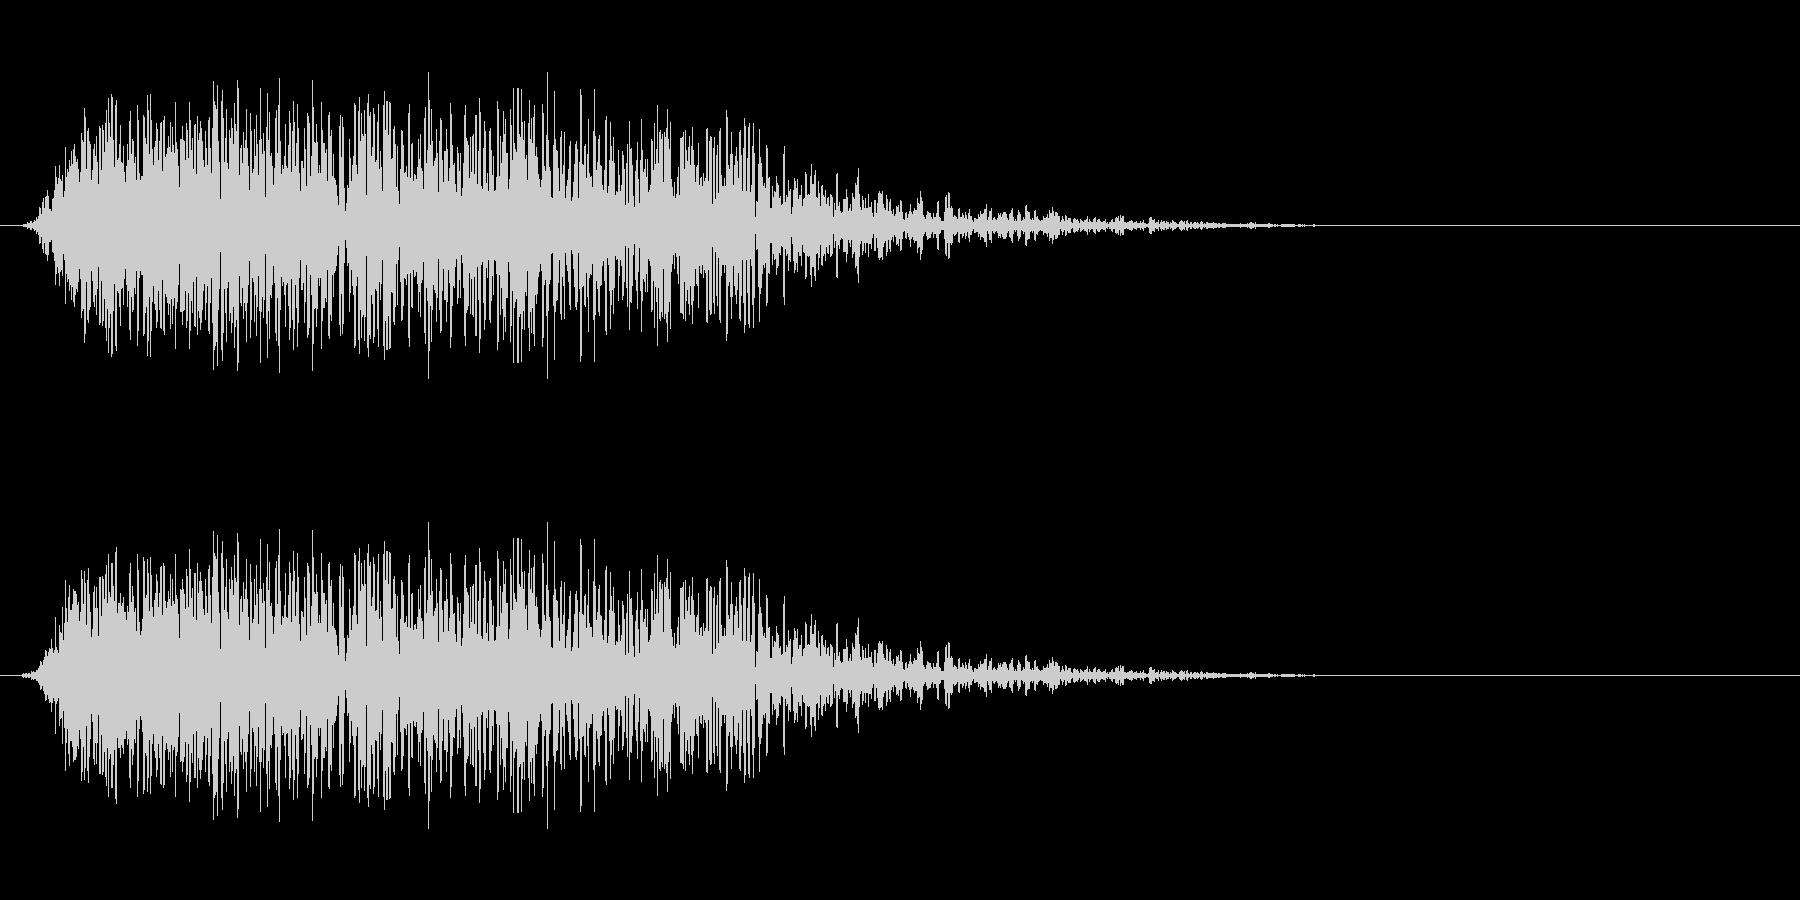 爆発音。ブースト音など。の未再生の波形